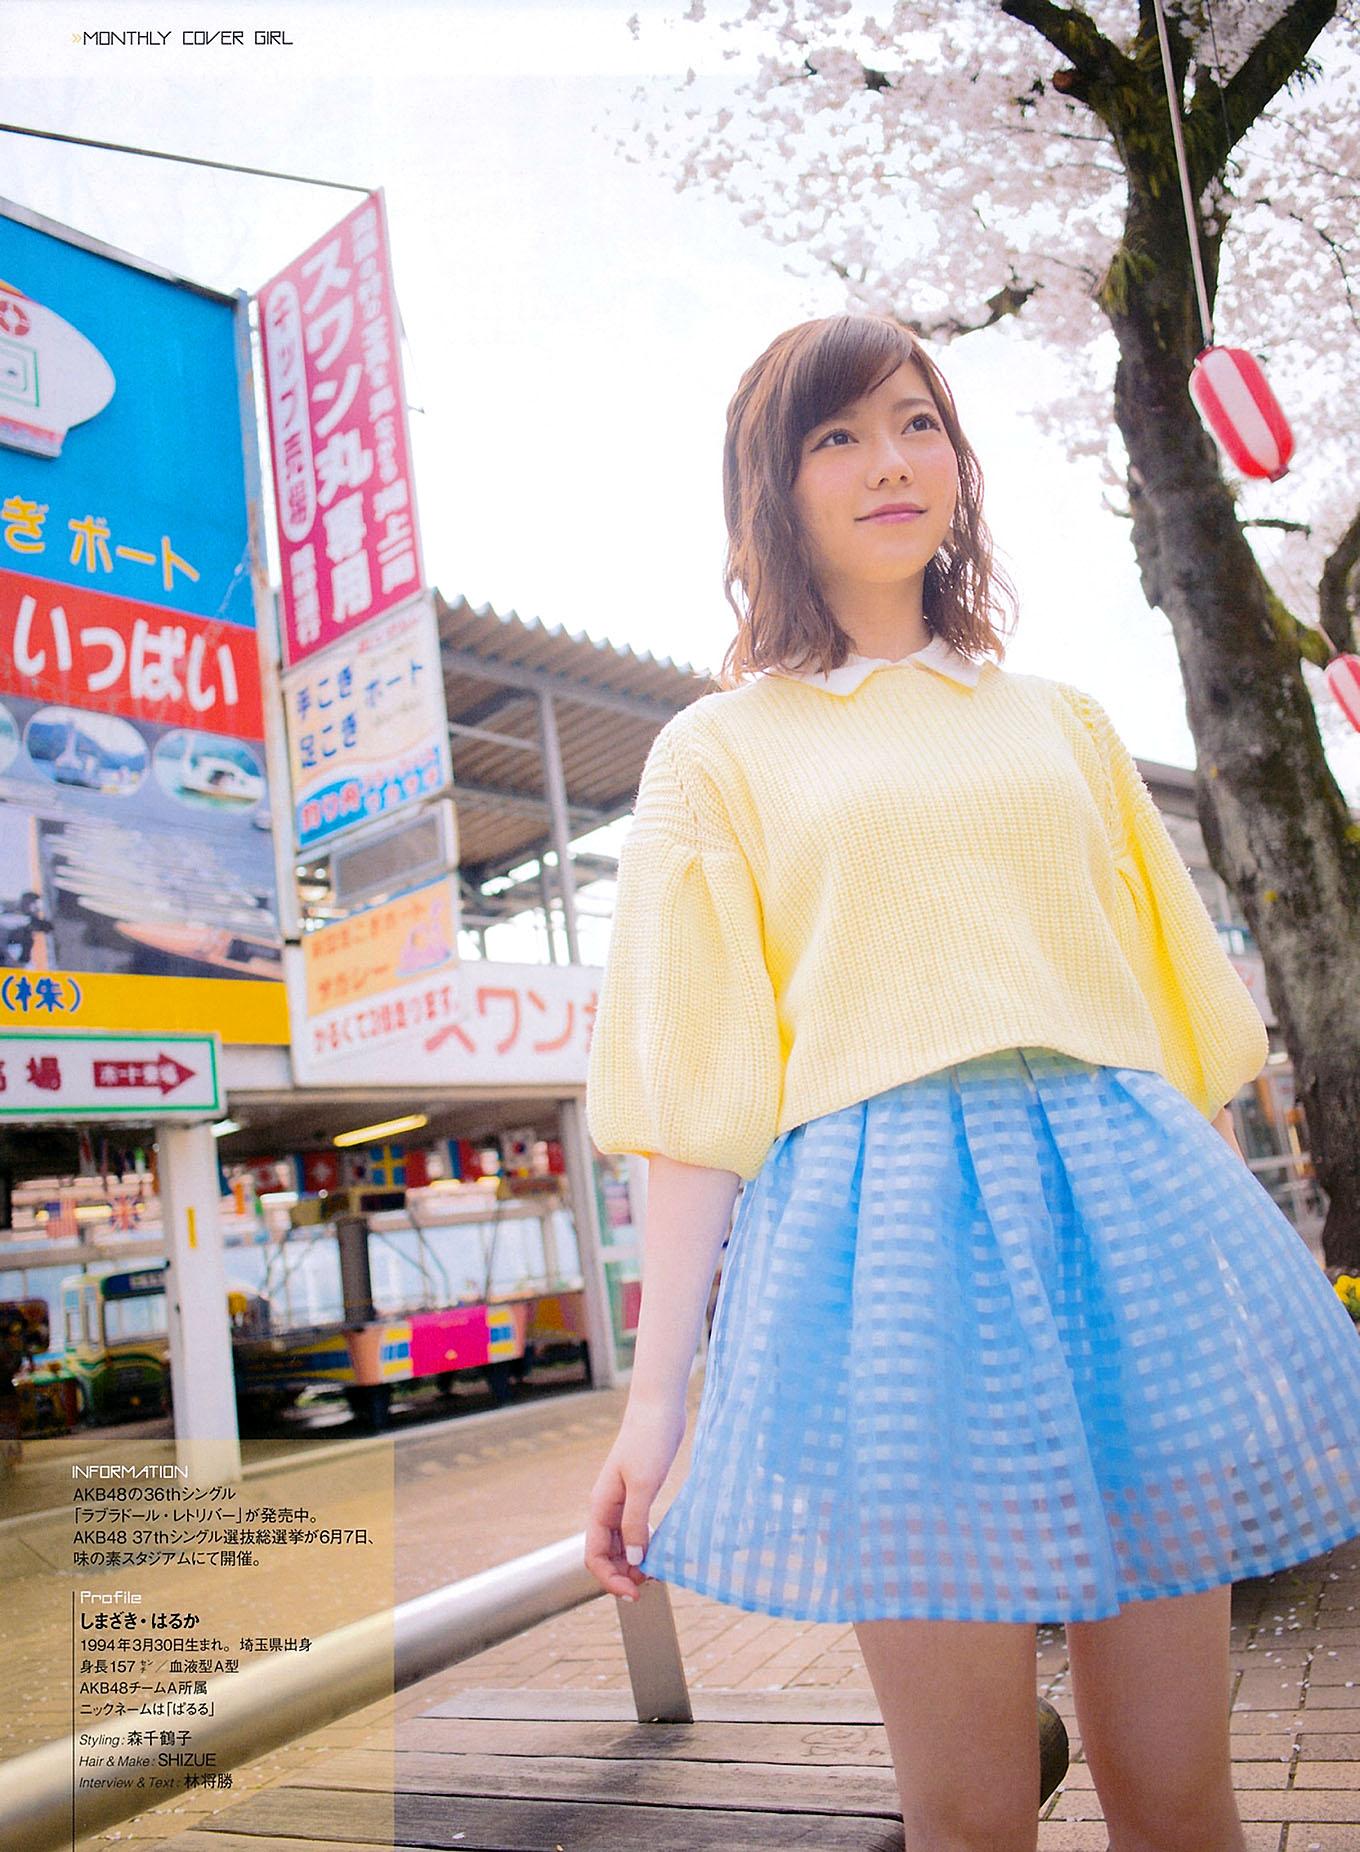 HShimazaki EnTame 1407 09.jpg